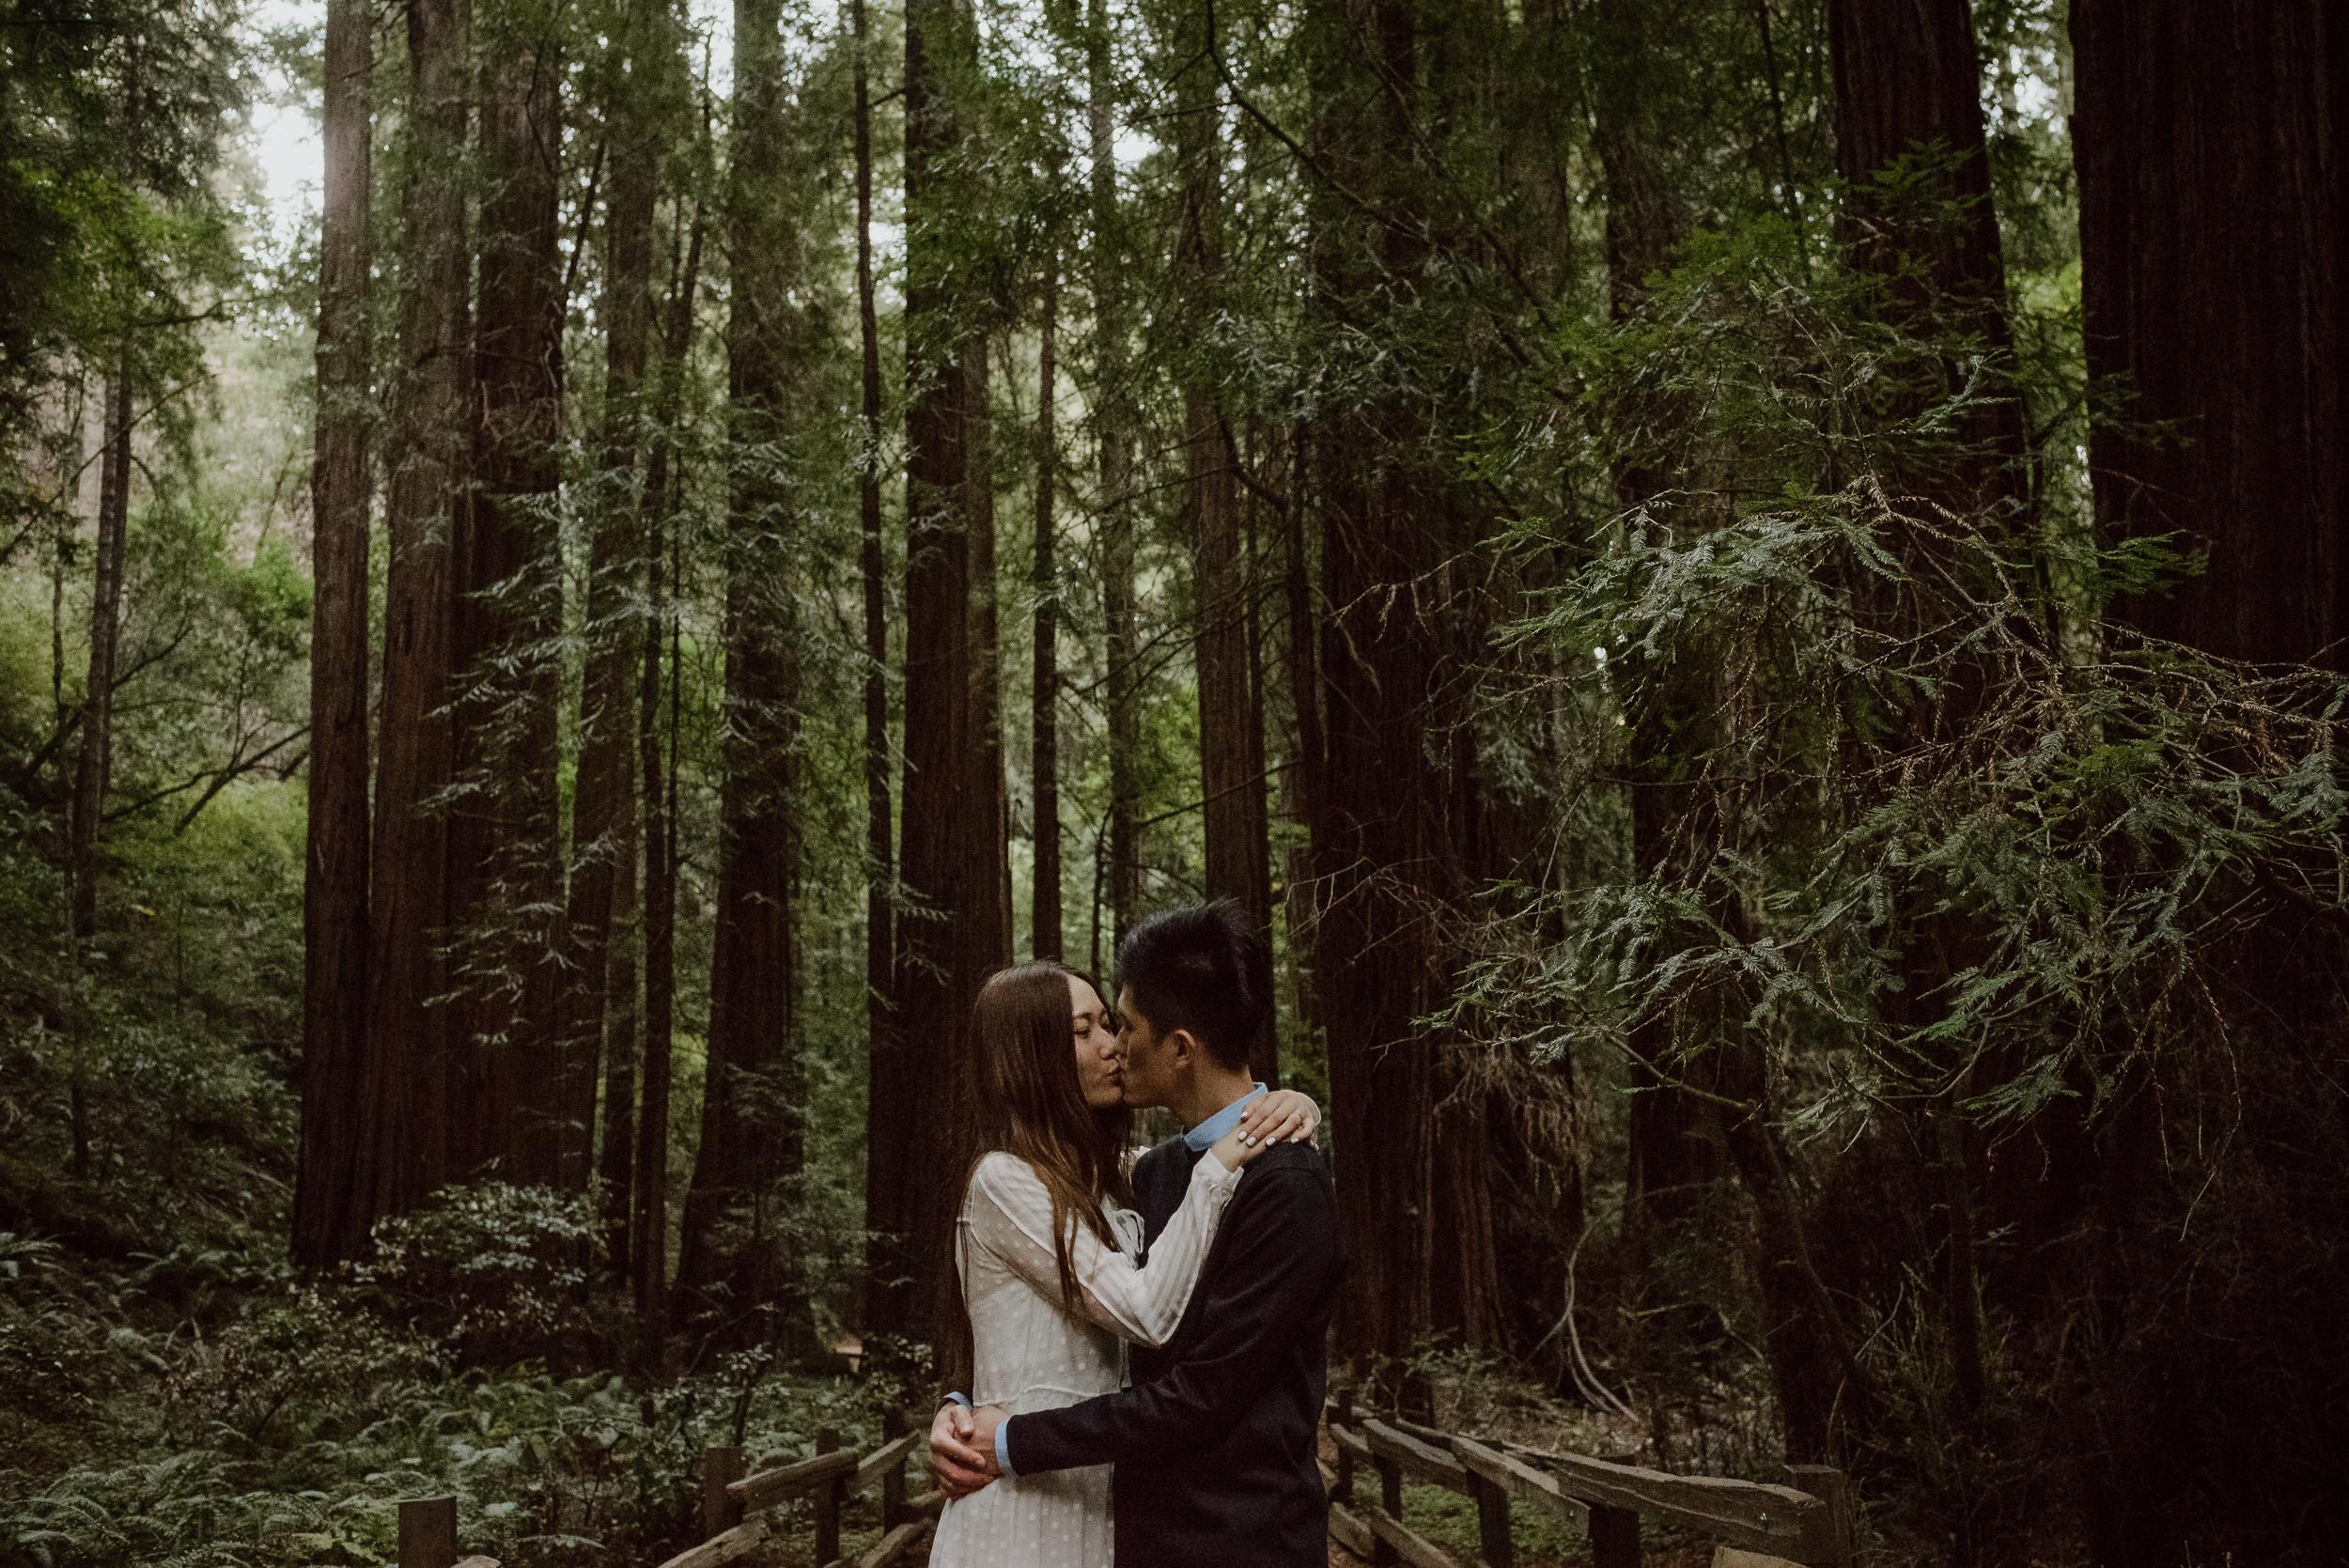 21-muir-woods-wedding-engagement-portrait-session-vivianchen-208.jpg